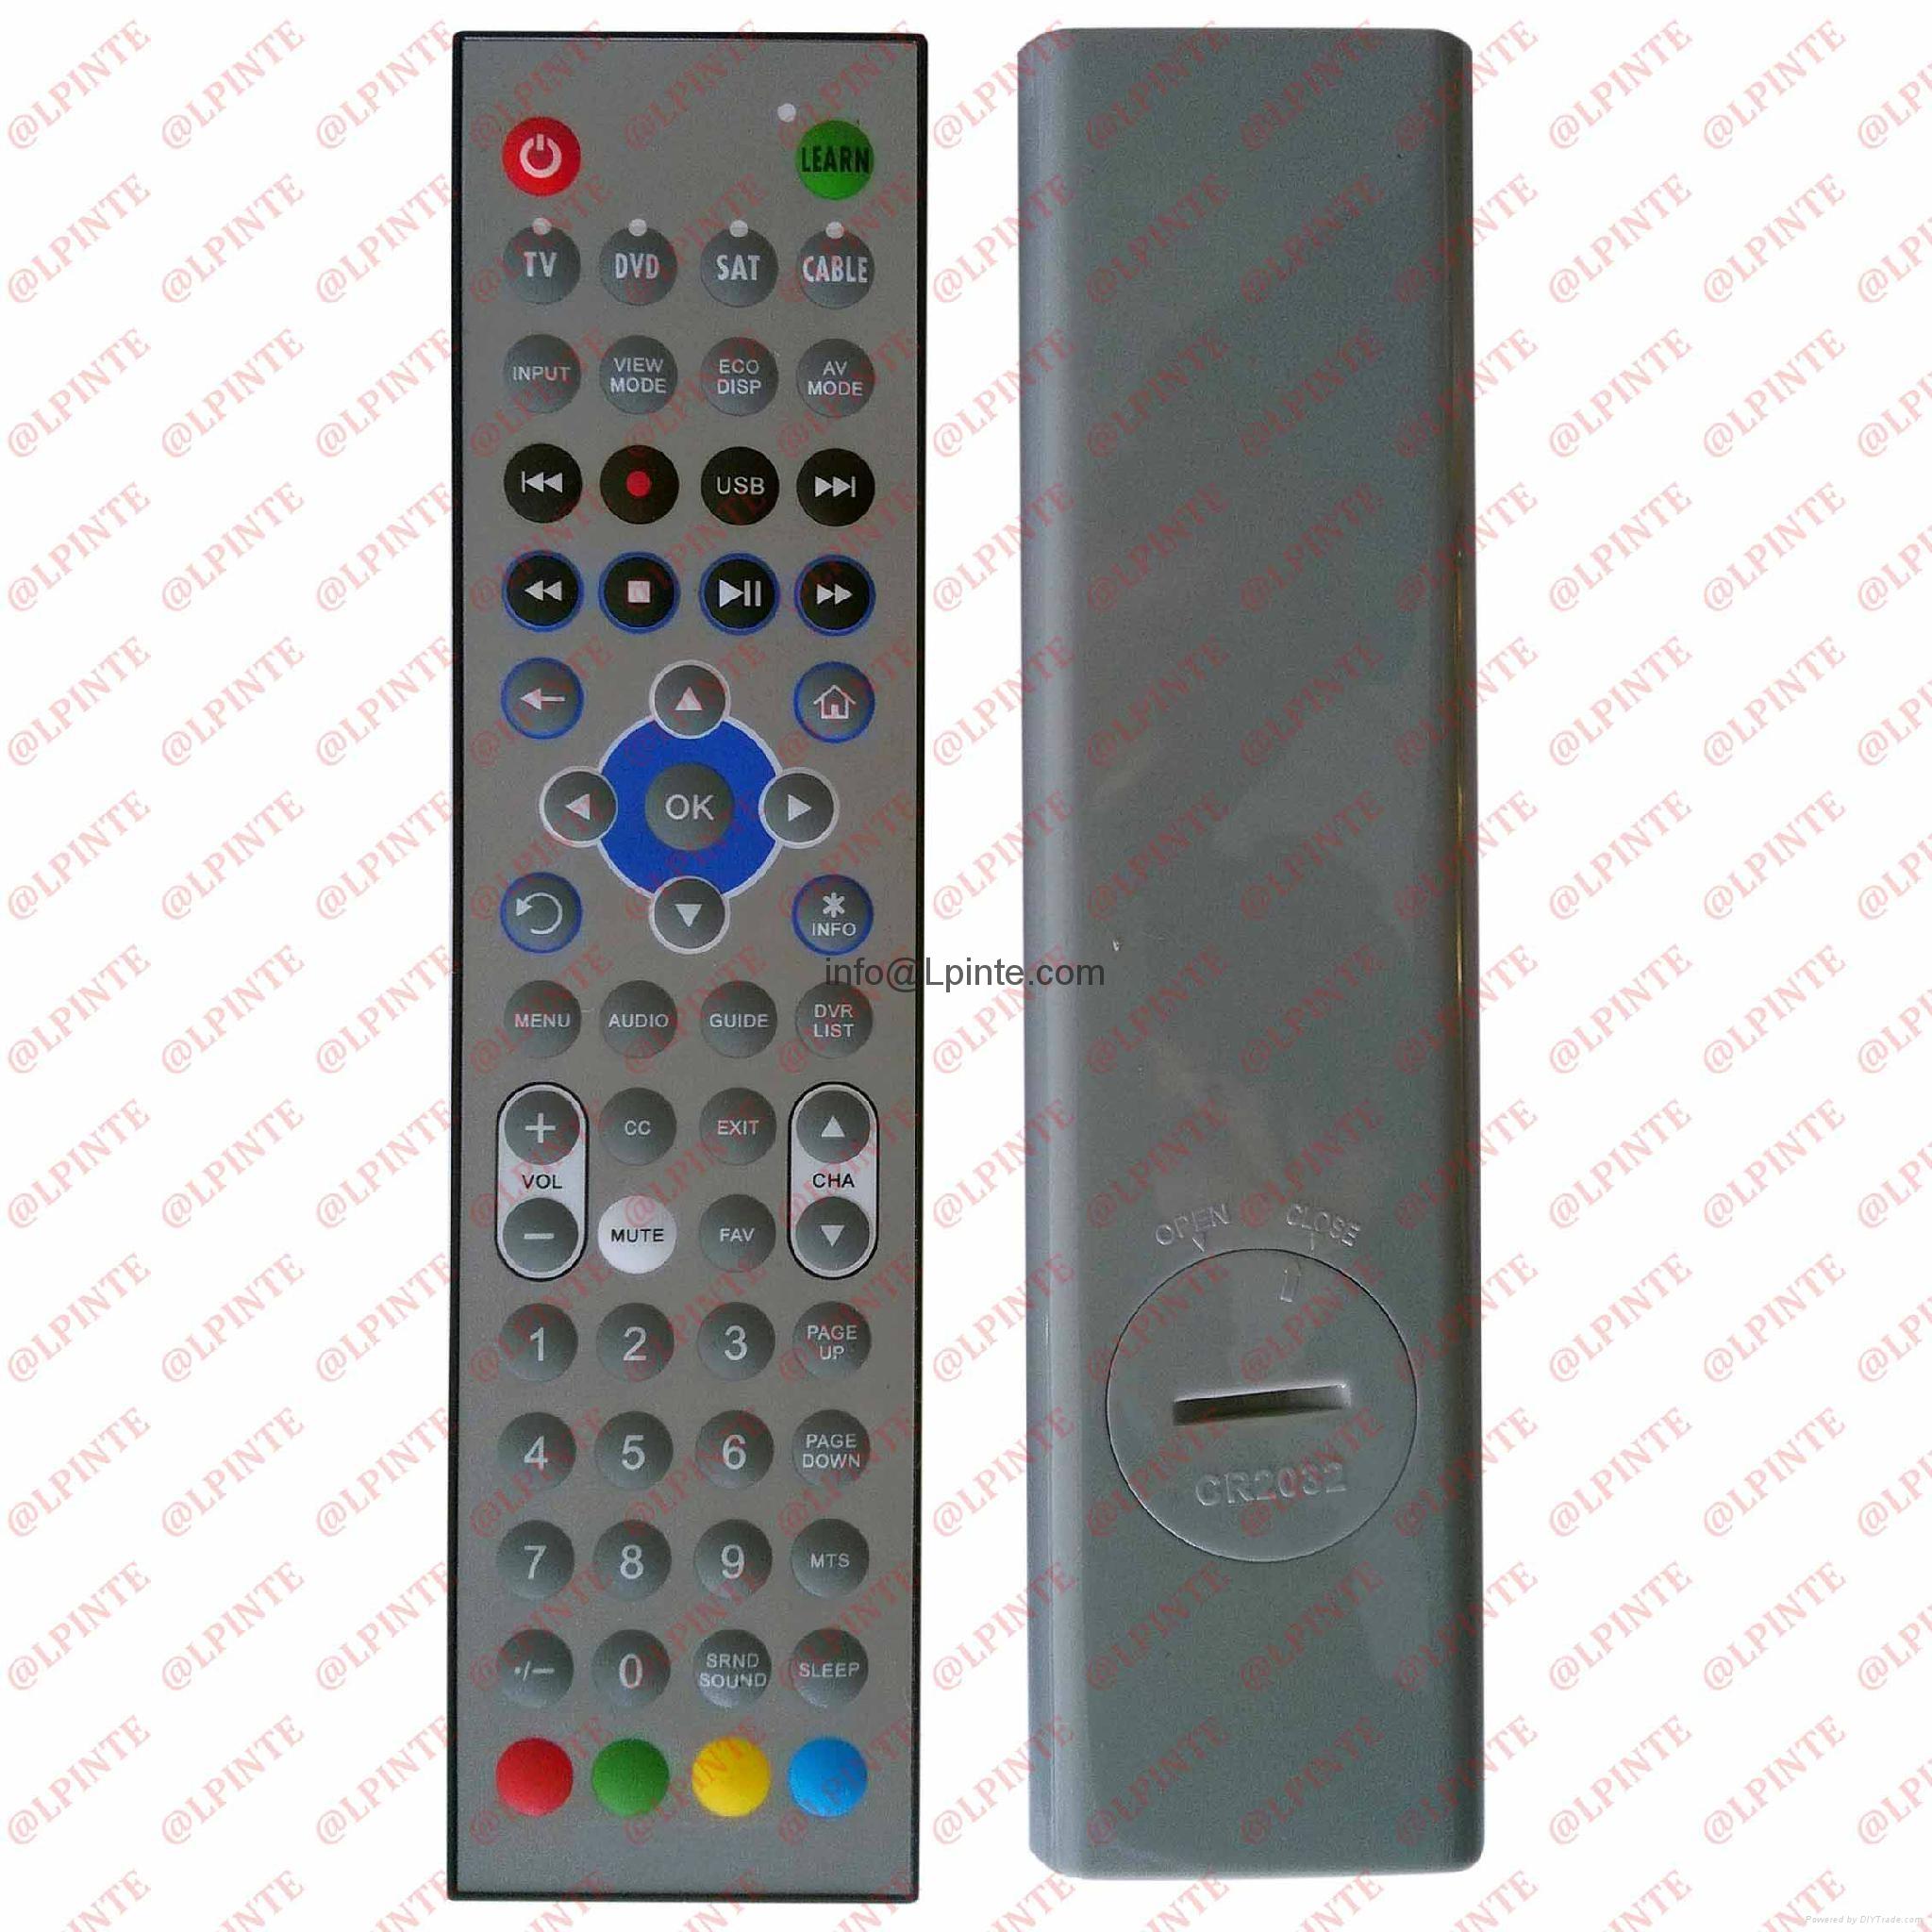 防水遥控器多功能机顶盒电视 1